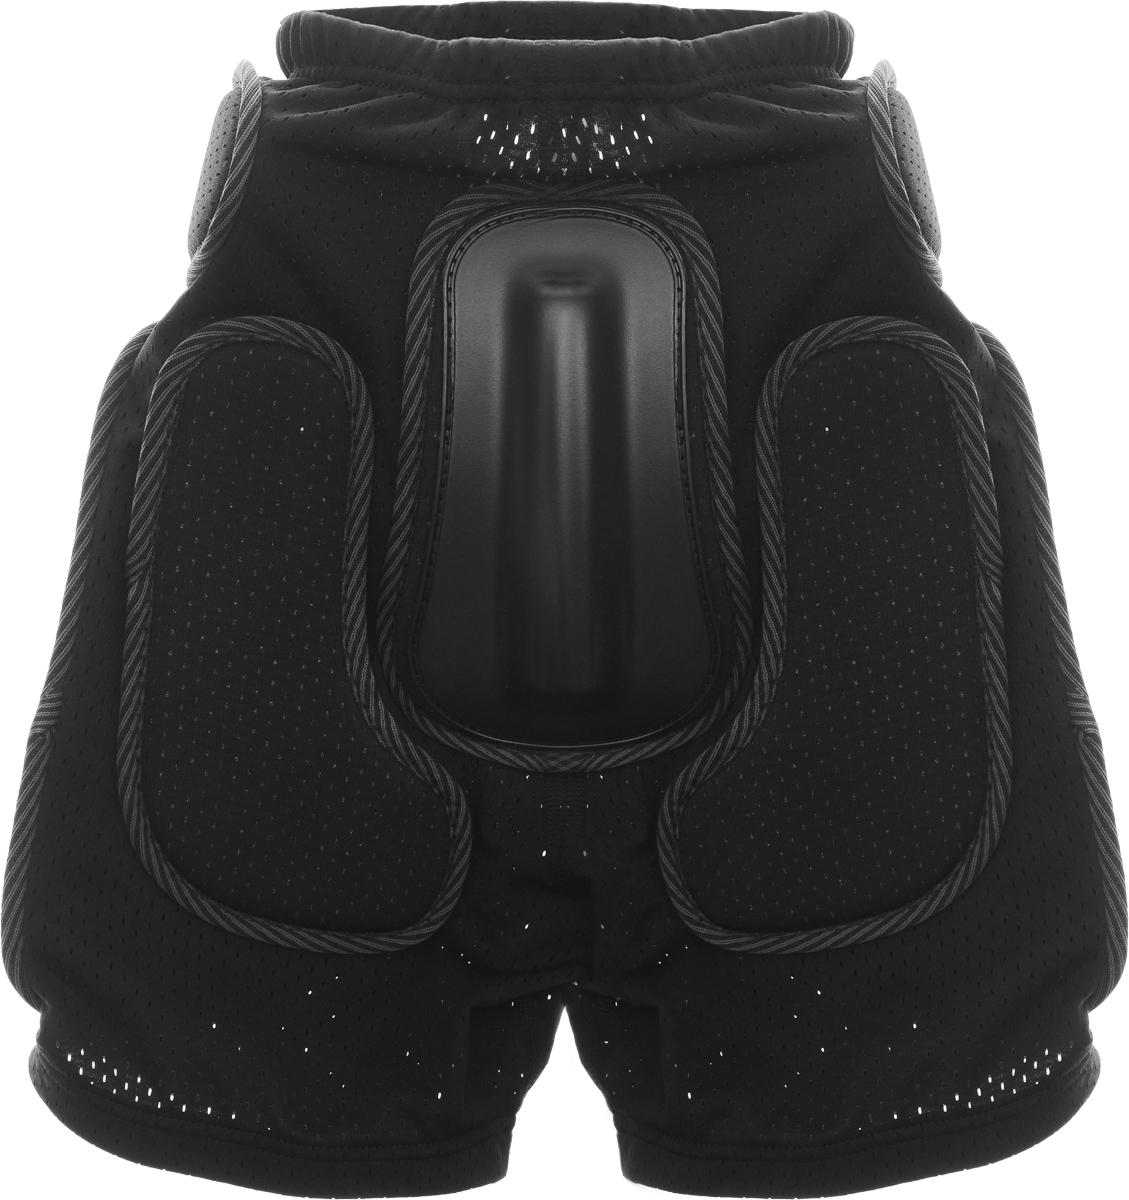 Шорты защитные Biont  Комфорт , цвет: черный, размер M - Защита